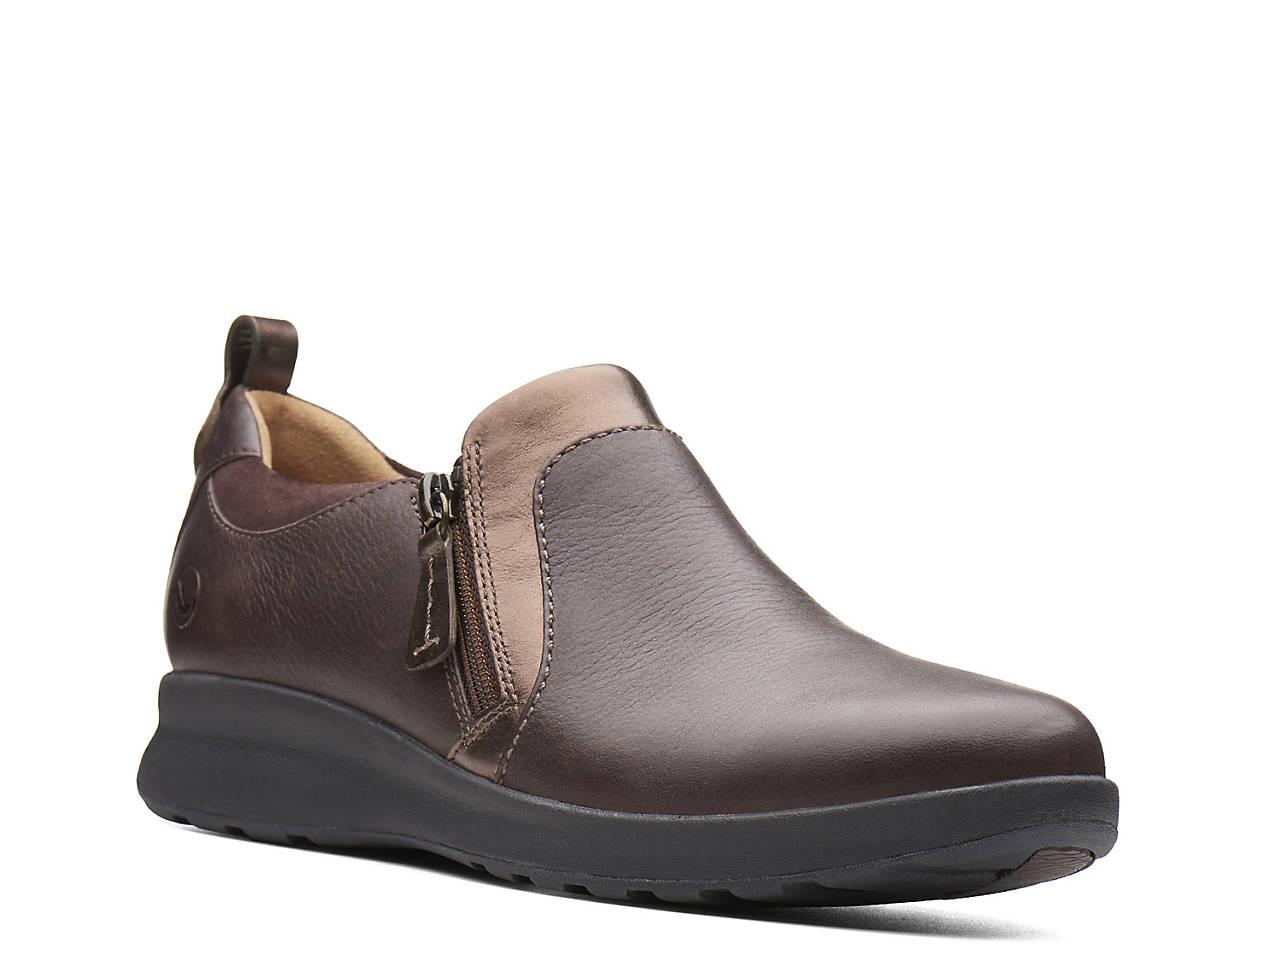 306bdebbc4e Clarks Un Adorn Slip-On Women s Shoes